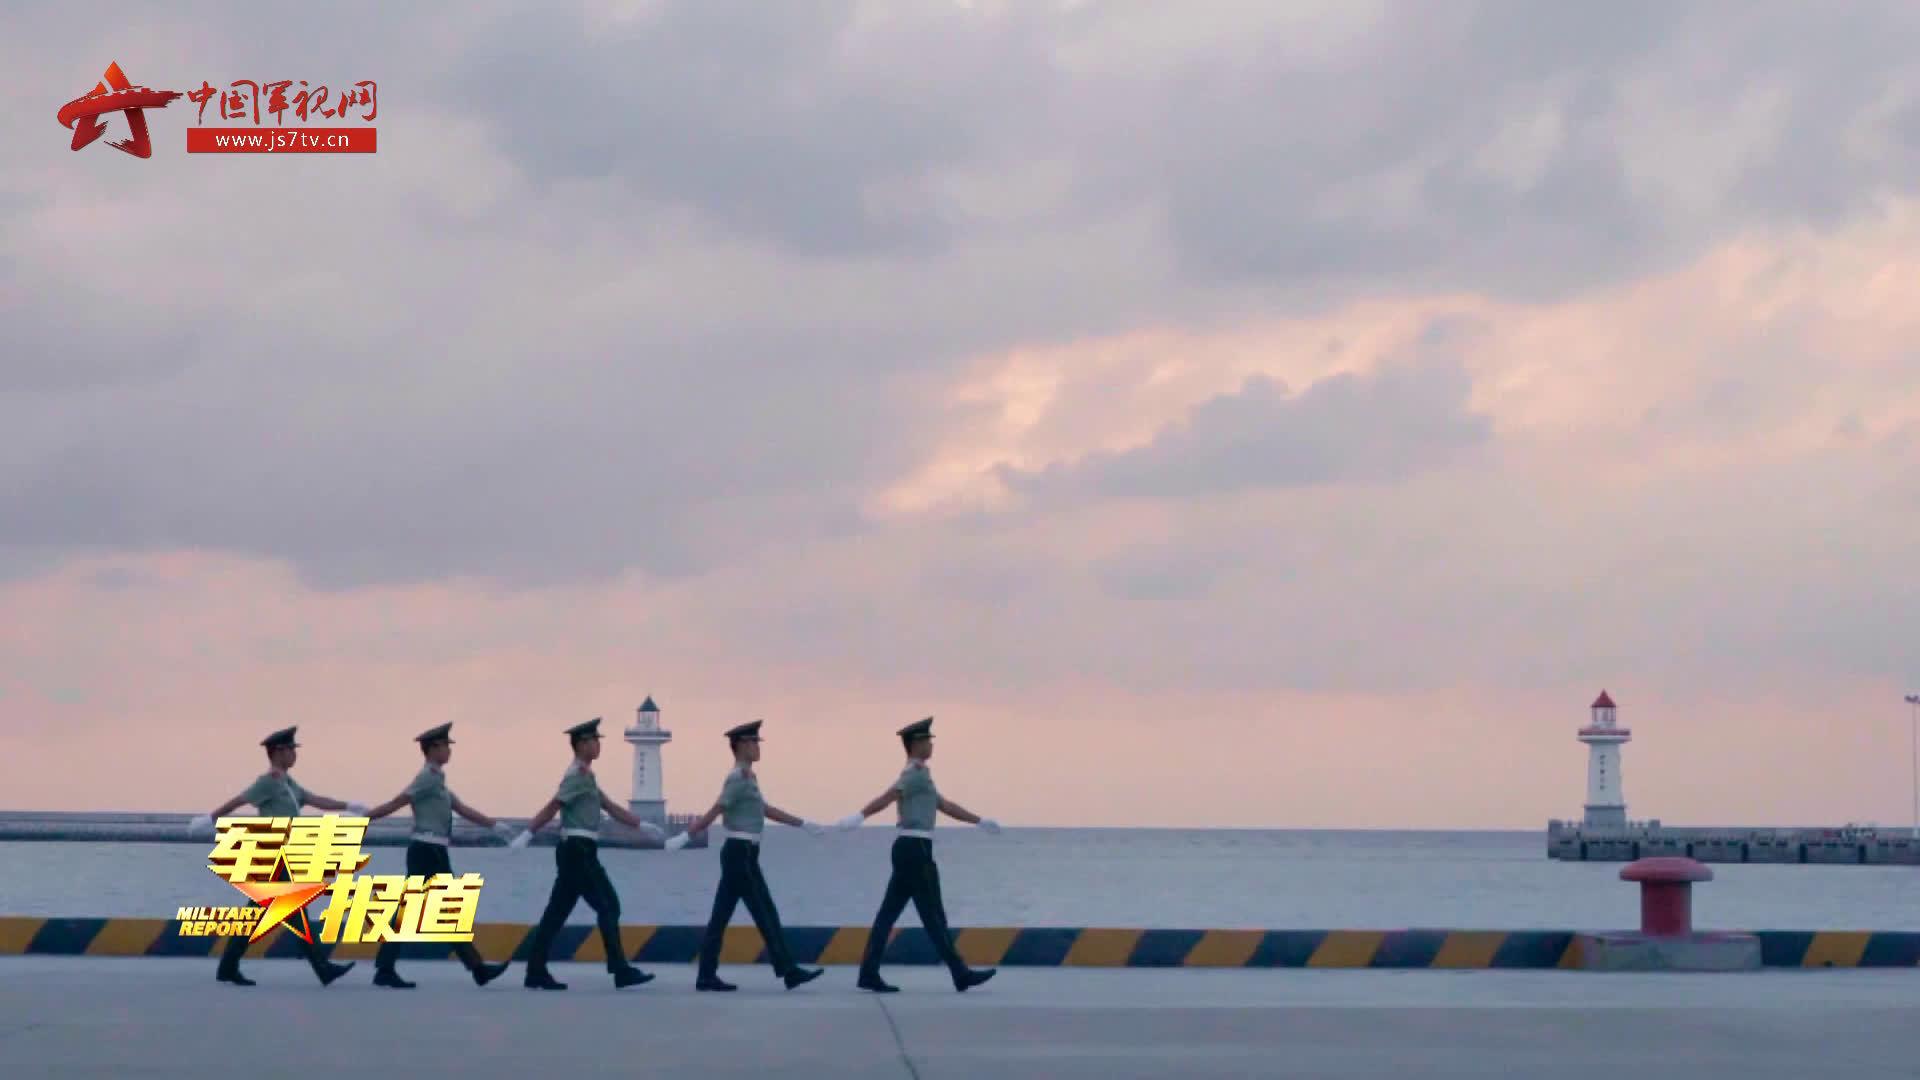 不忘初心,牢记使命!三沙永兴岛驻岛武警中队绘就忠诚底色